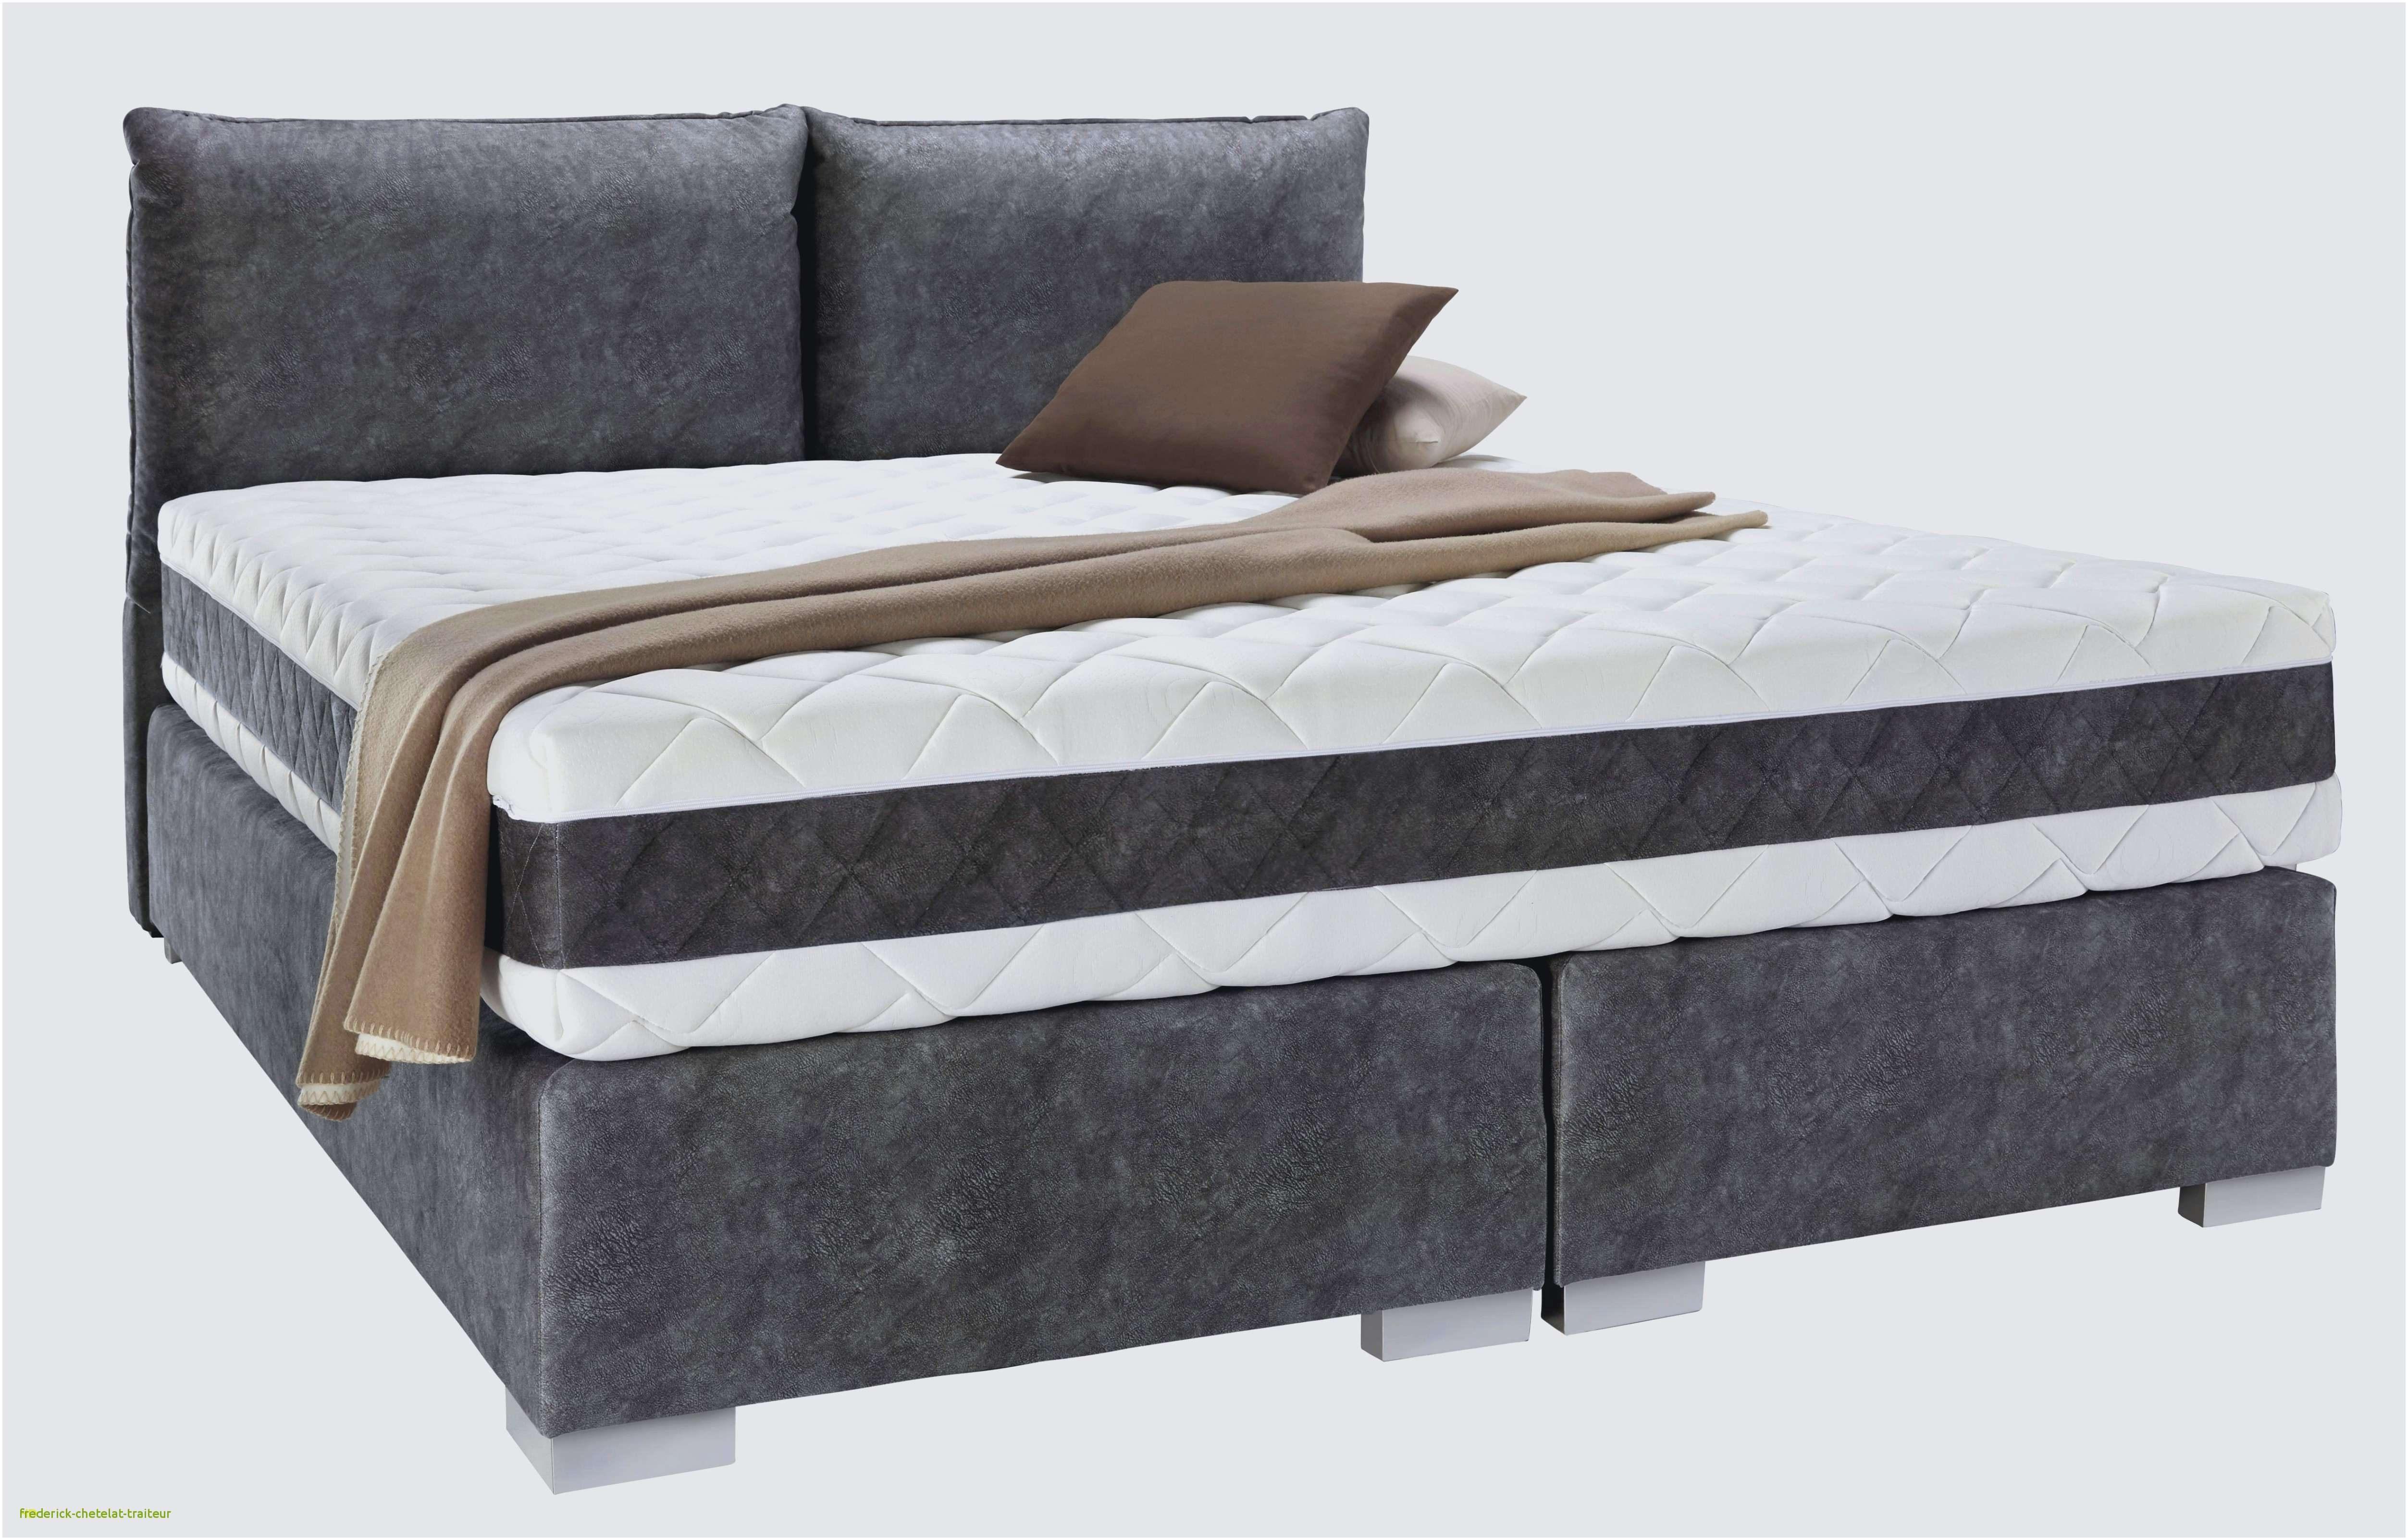 Lit Coffre Led 140×190 Meilleur De Inspiré sommier En Kit 140—190 Ikea Beau S Verin Lit Coffre Génial